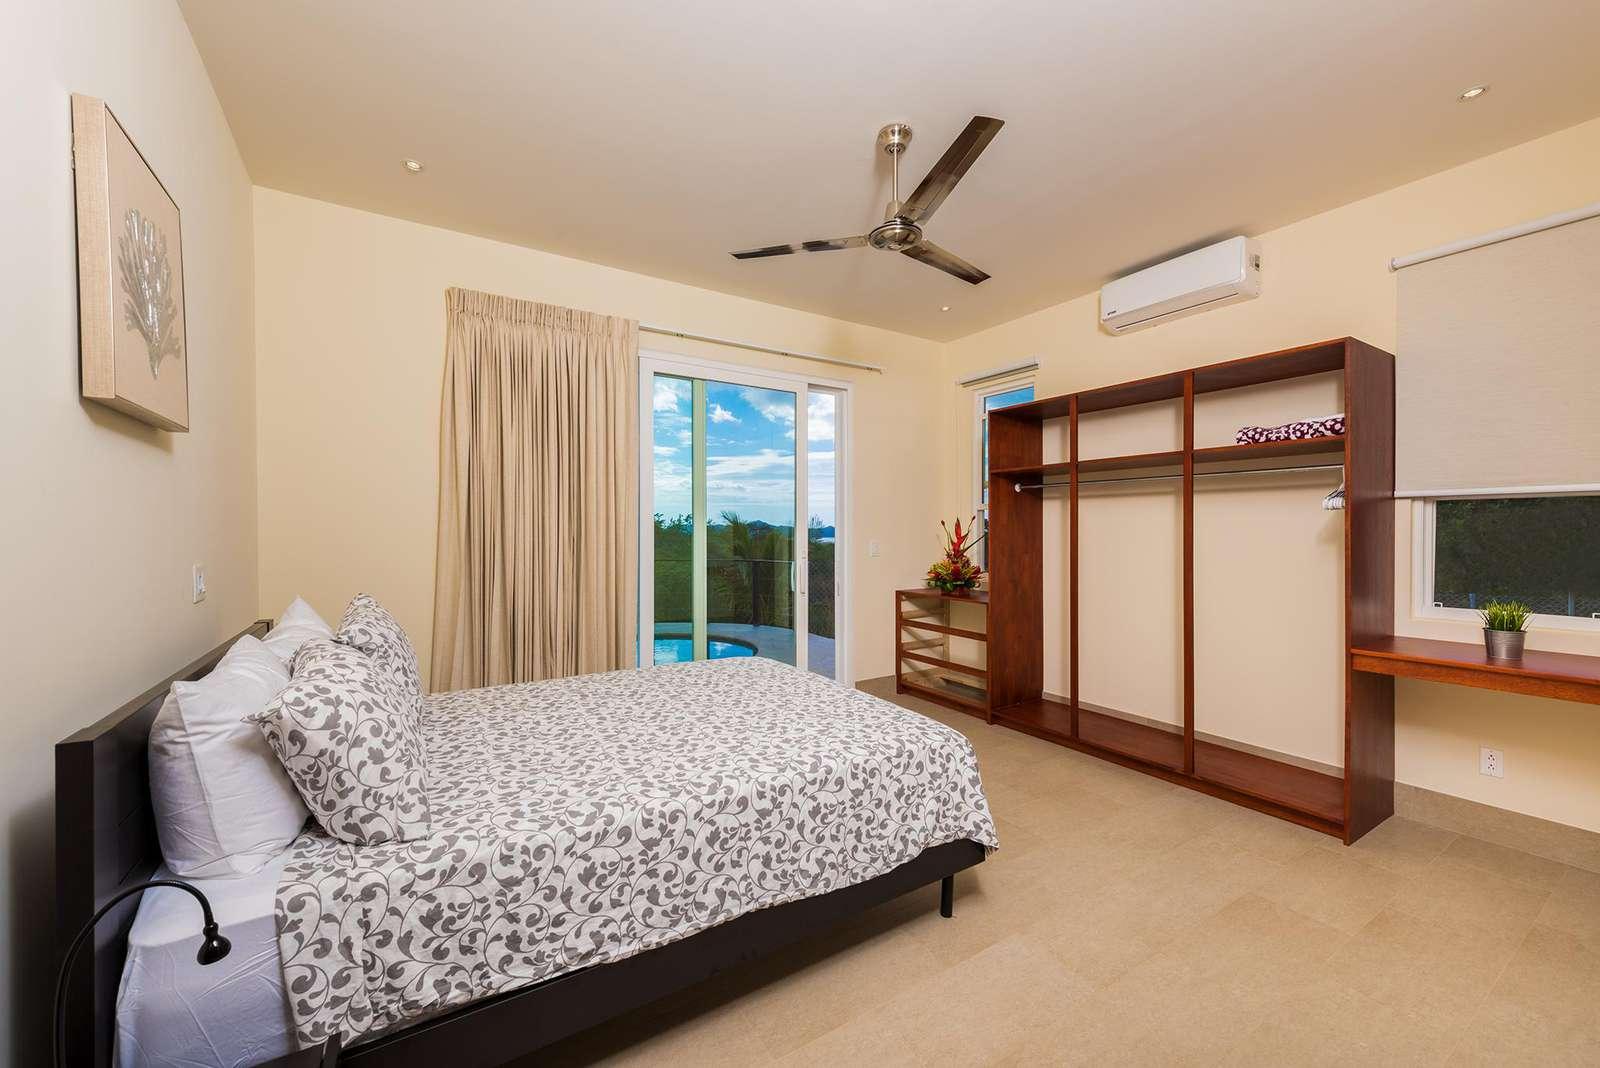 Guest bedroom, queen bed